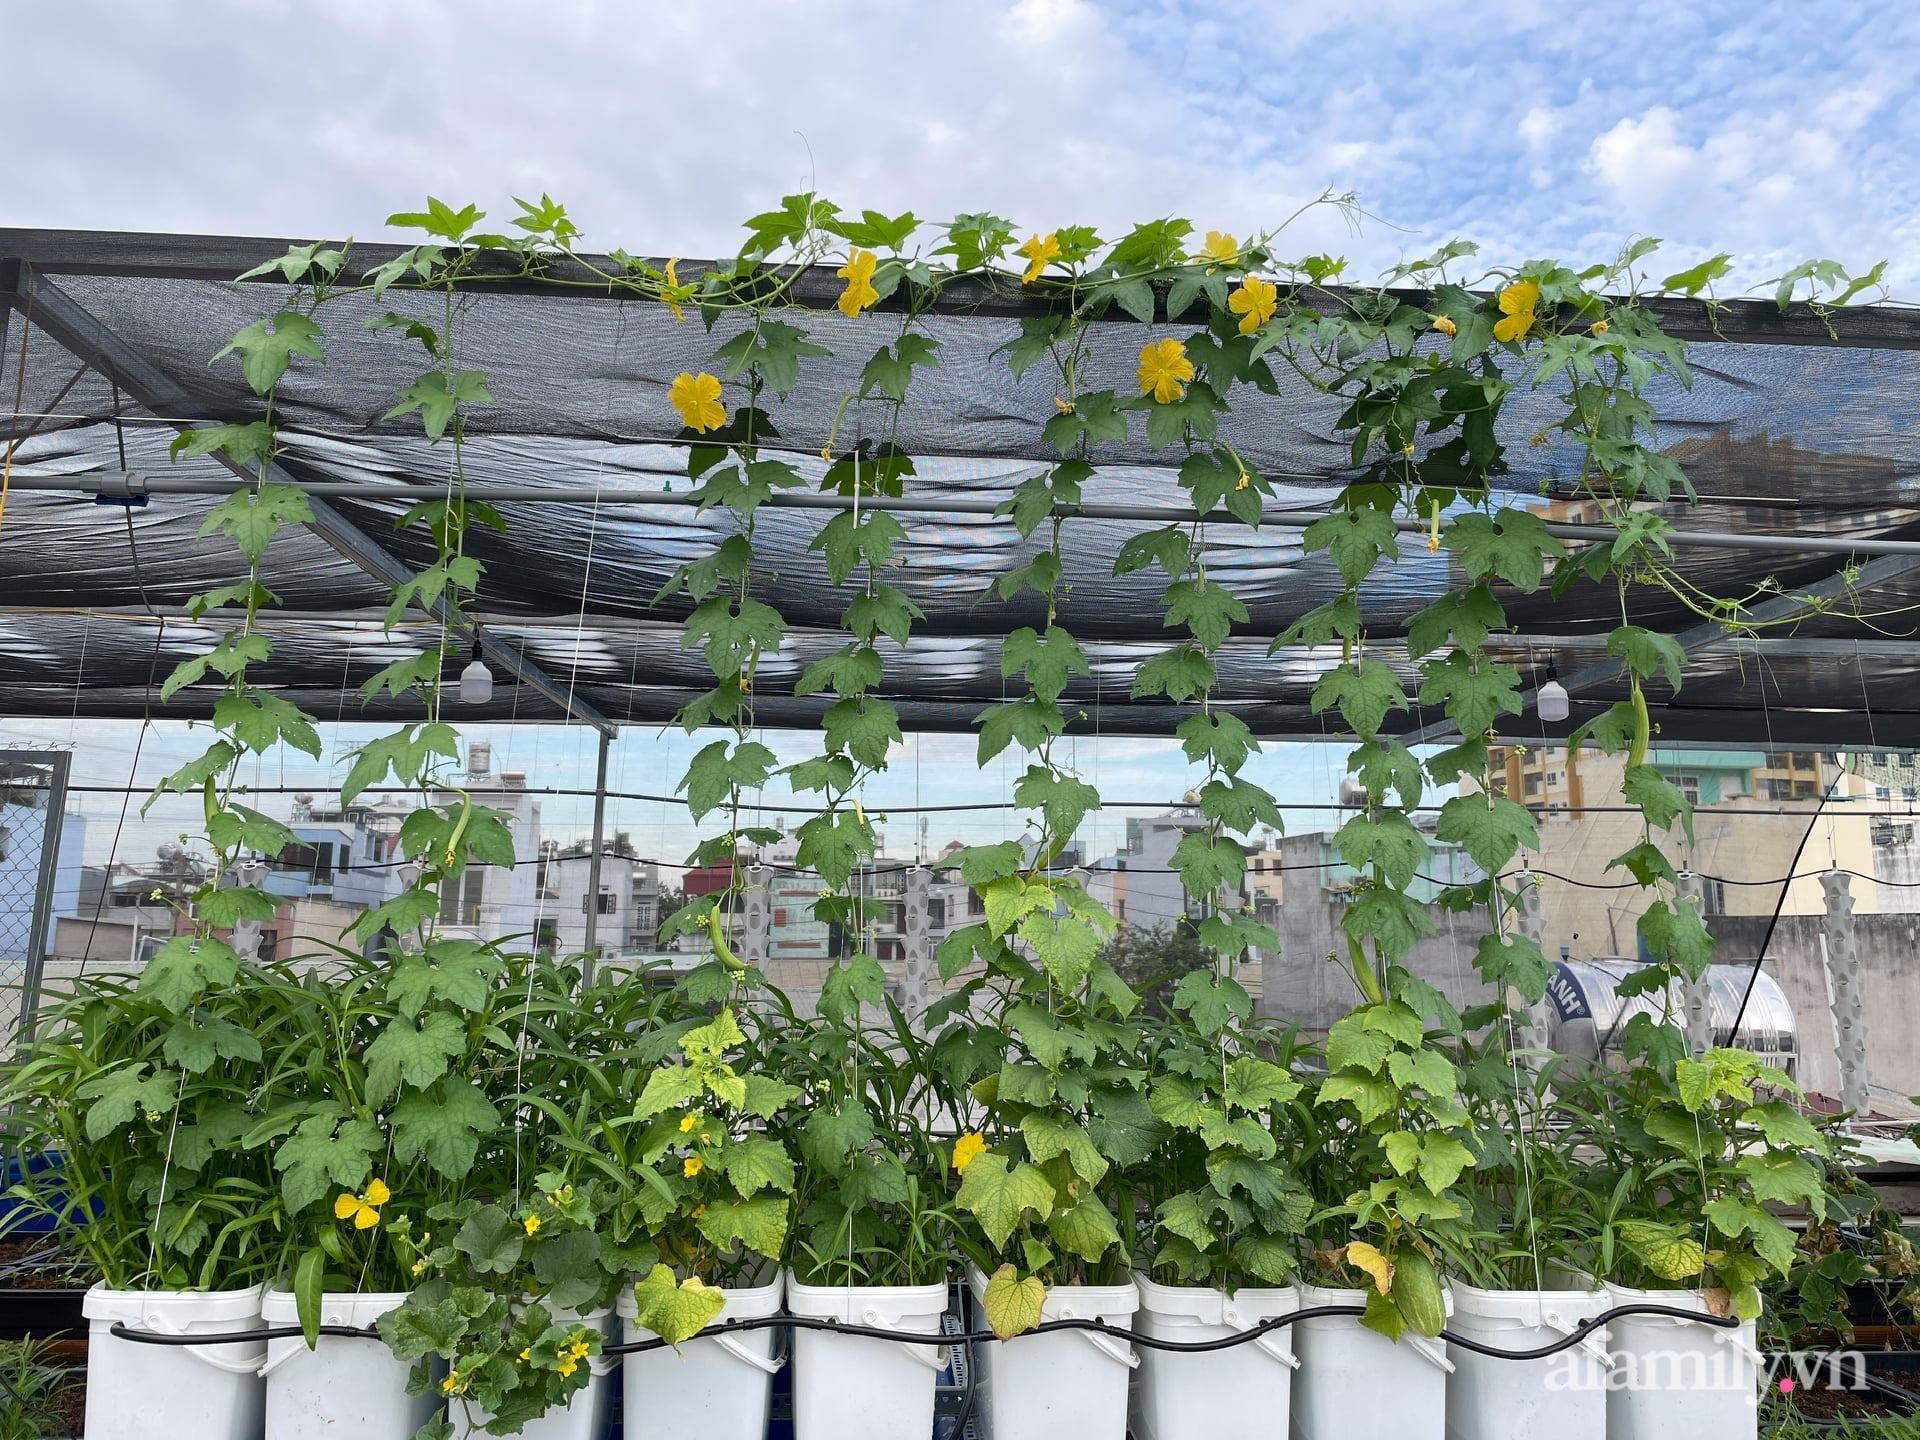 Sân thượng 100m² trồng rau nuôi cá với tổng chi phí đầu tư 80 triệu đồng ở quận 12 Sài Gòn - Ảnh 3.